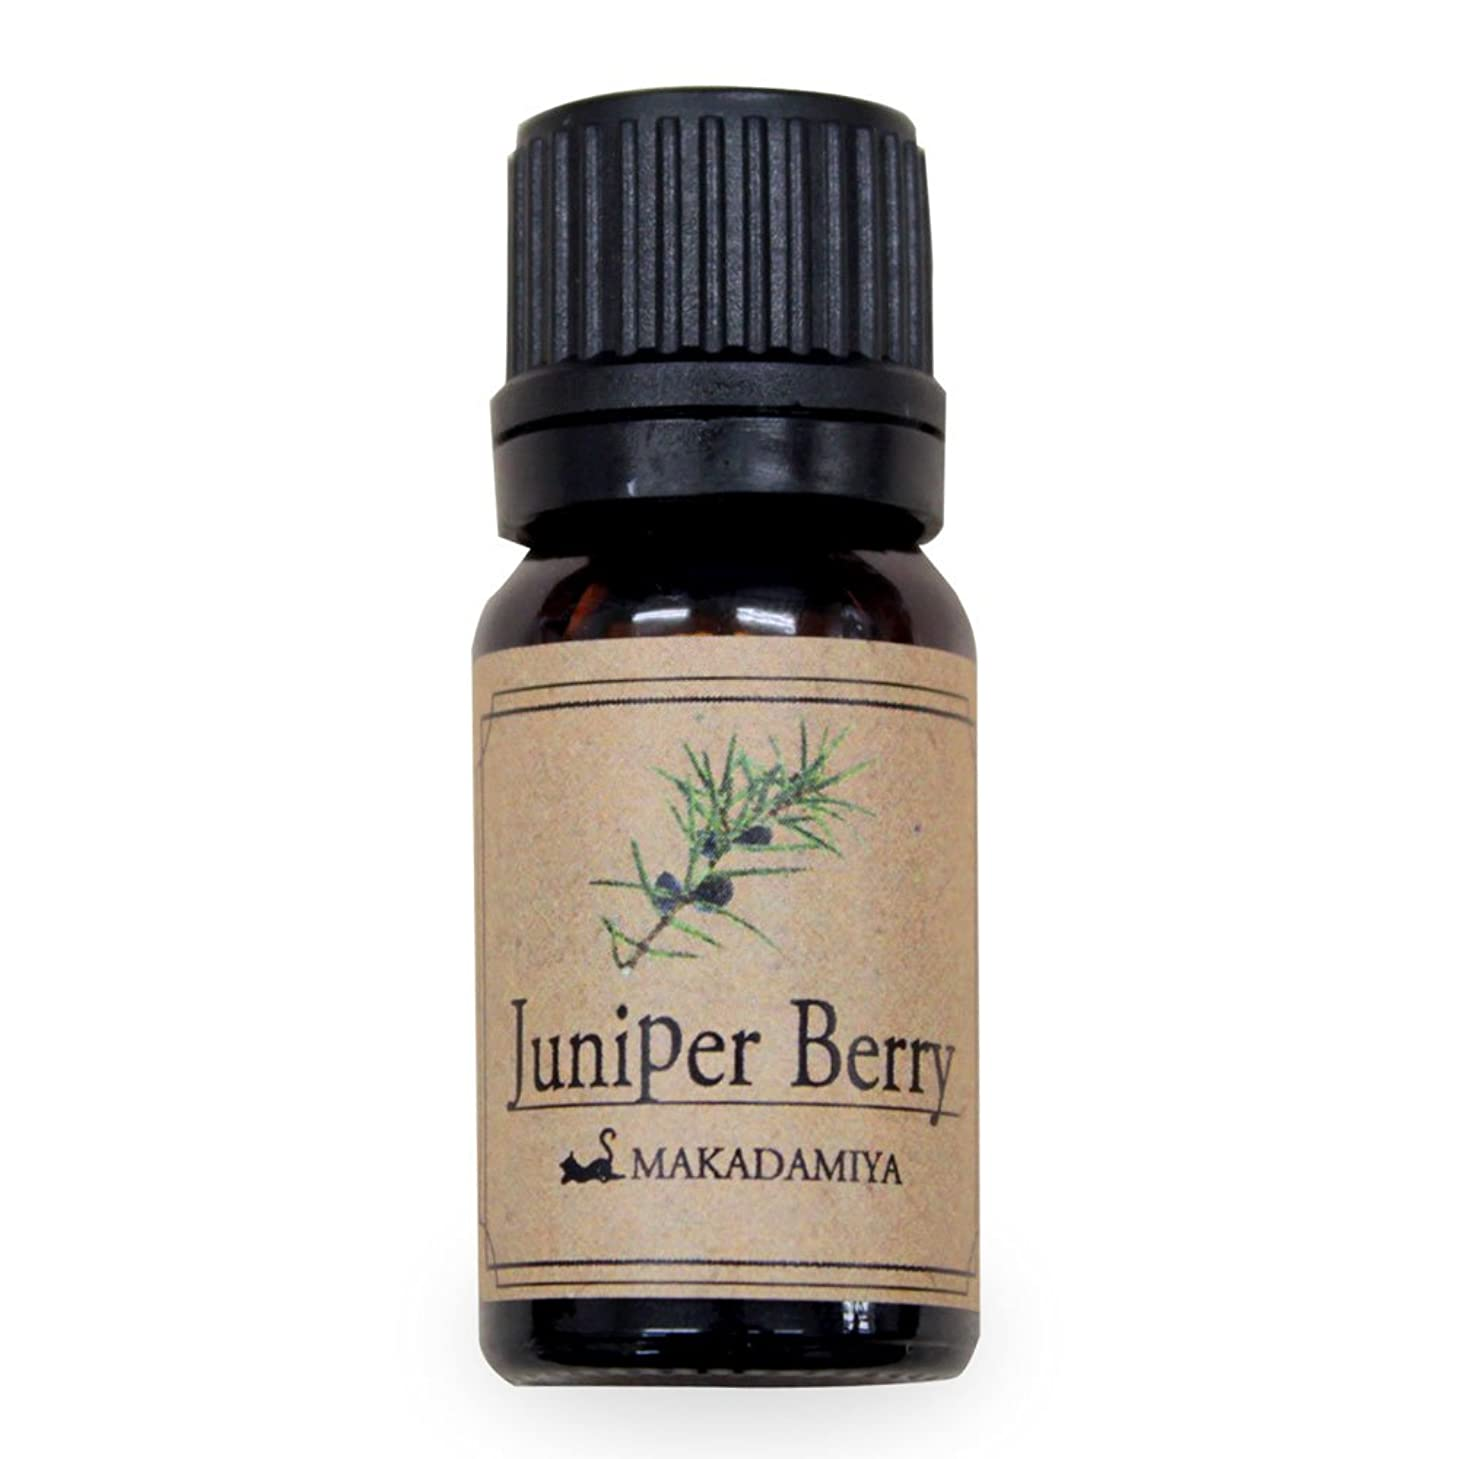 このクレアマイクロジュニパーベリー10ml 天然100%植物性 エッセンシャルオイル(精油) アロマオイル アロママッサージ aroma Junipe Berry